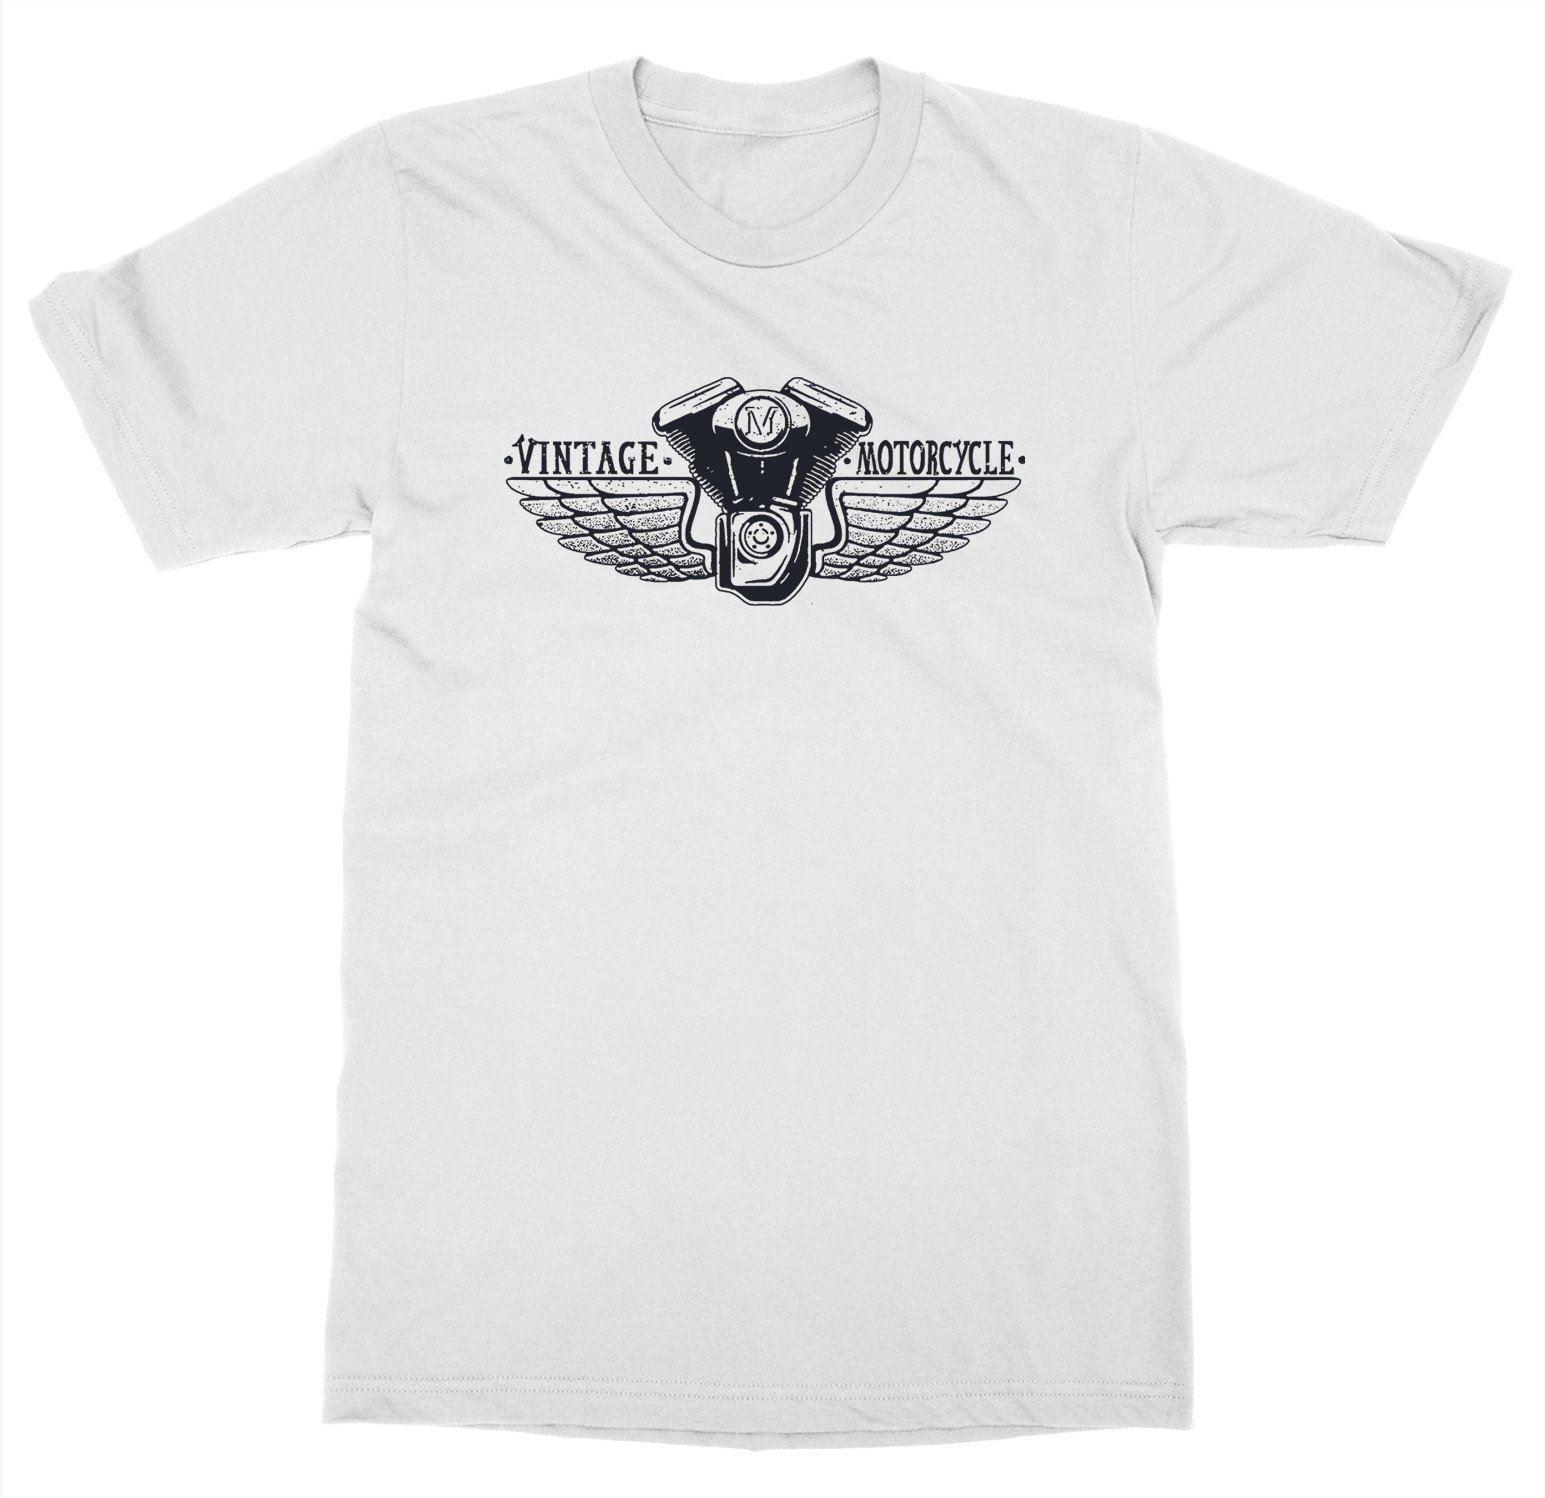 Vintage Motorcycle Wings T-Shirt Ride or Die Club Gear Race Biker Shop Live Fast